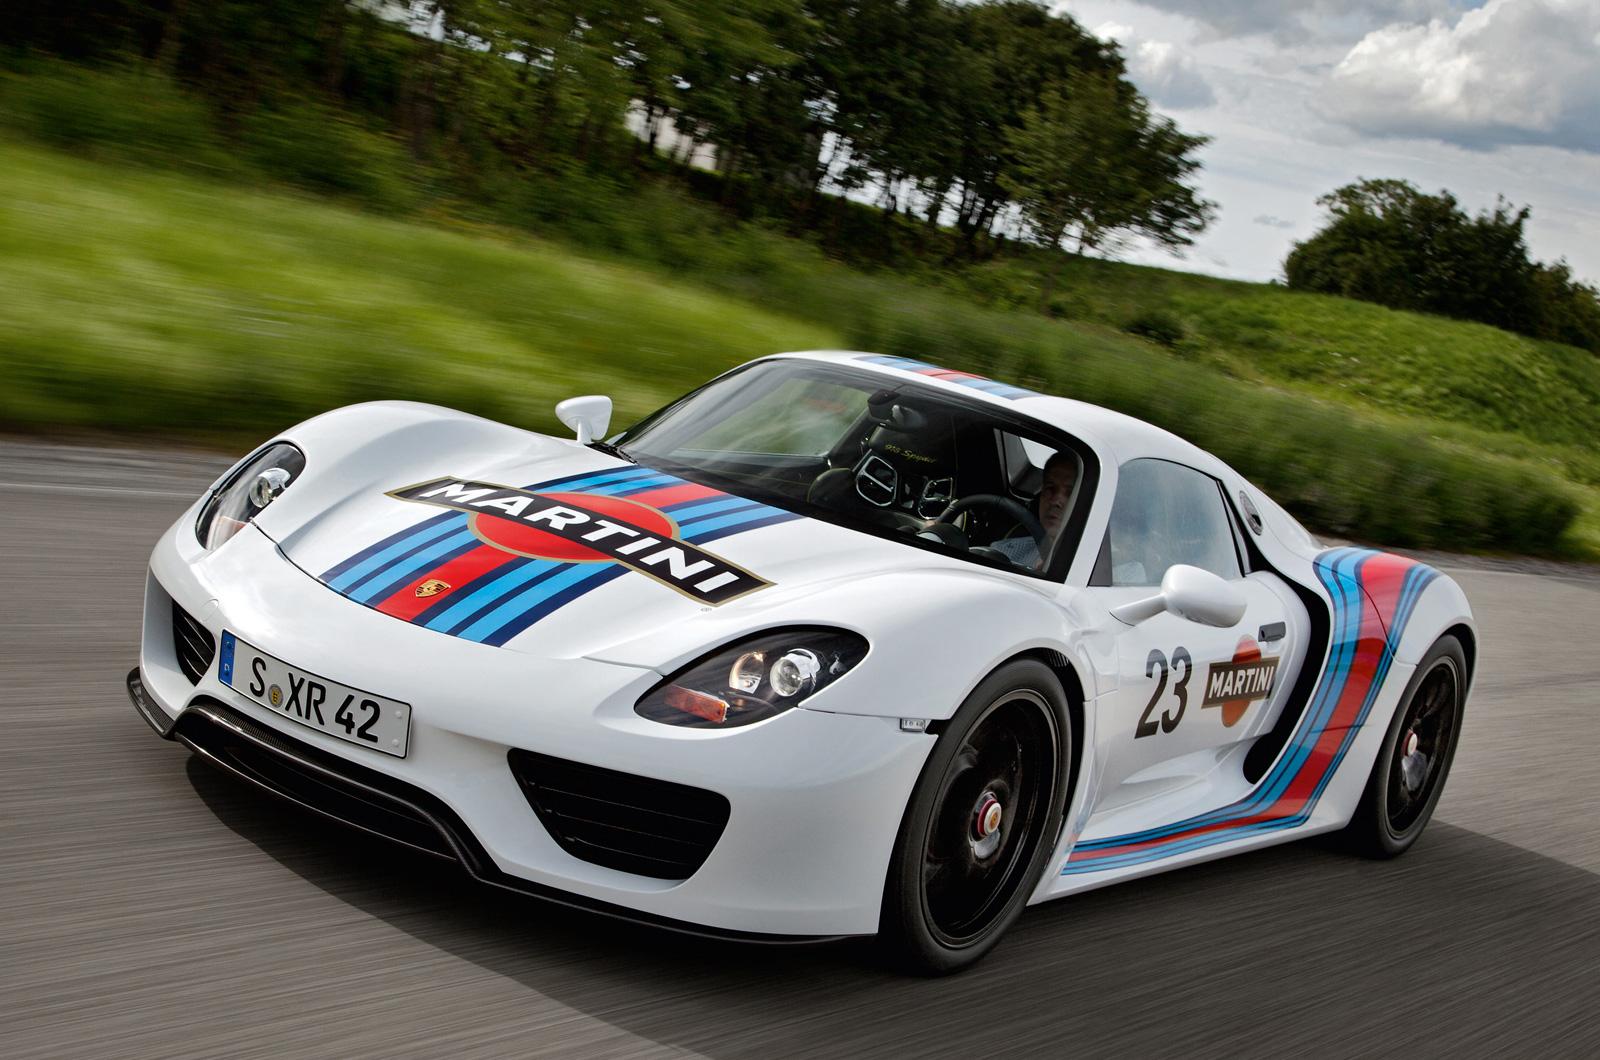 Porsche 918 Spyder Technical Details Uncovered Autocar